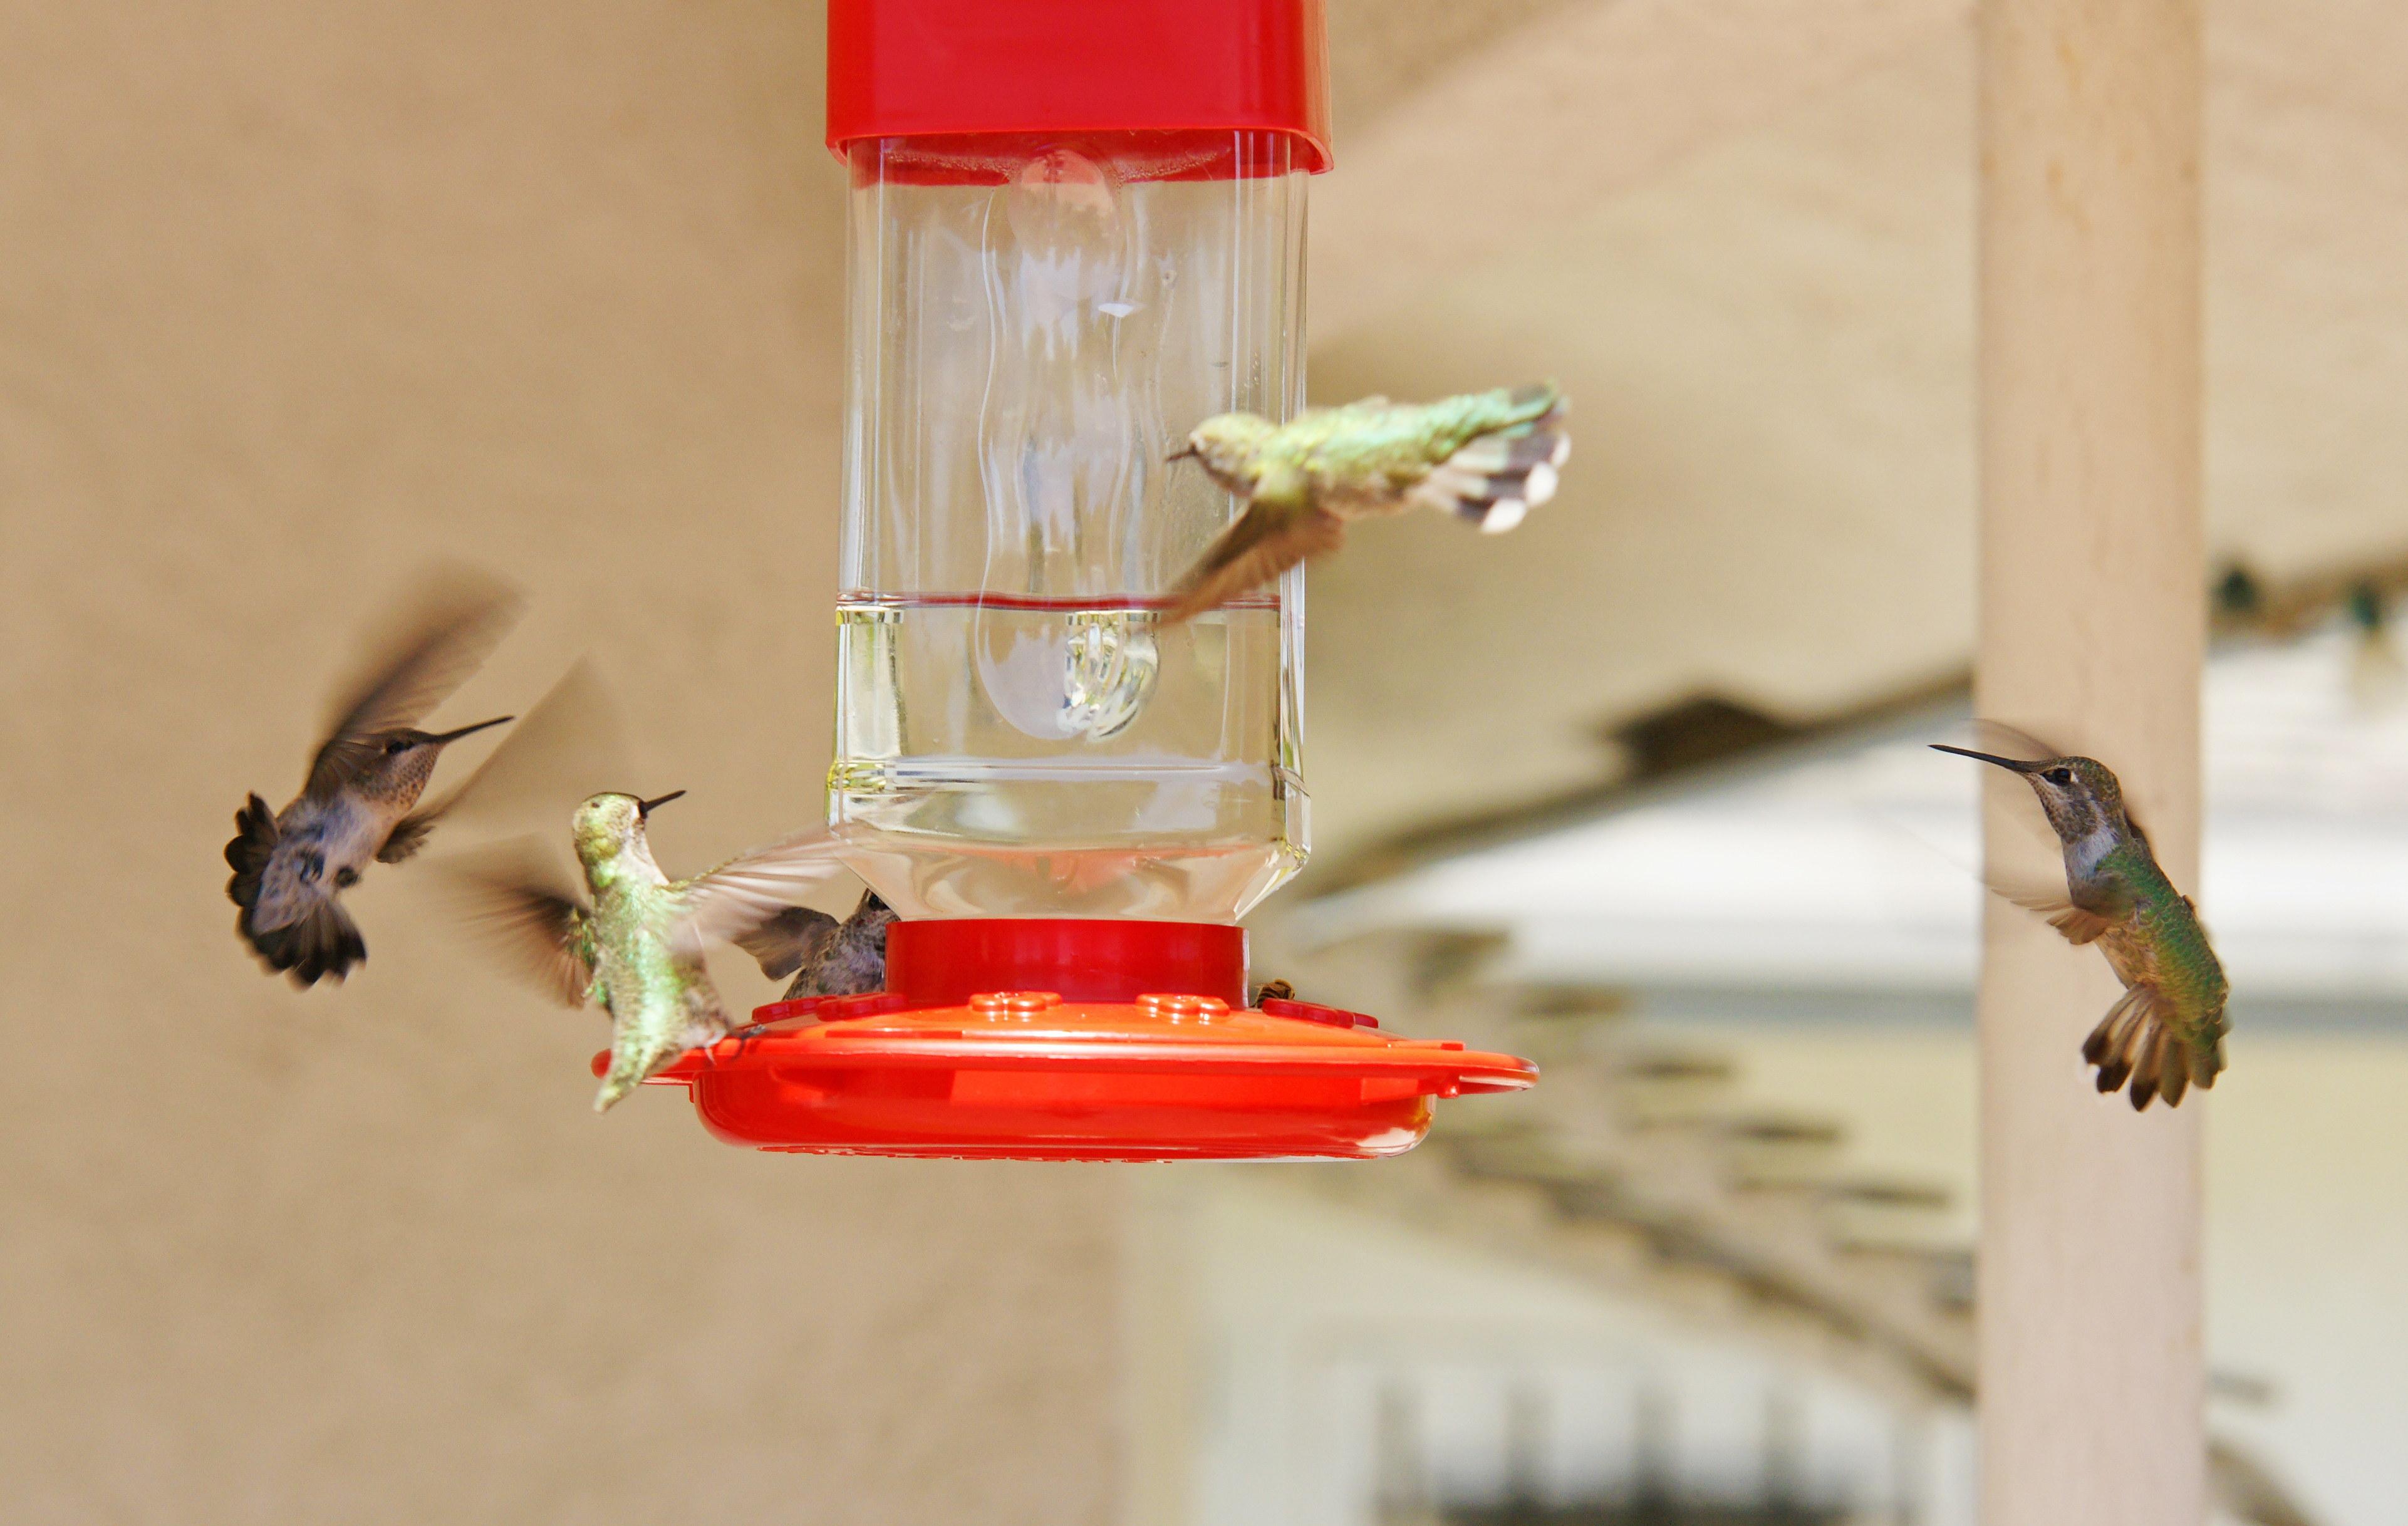 HummingbirdsGallery13